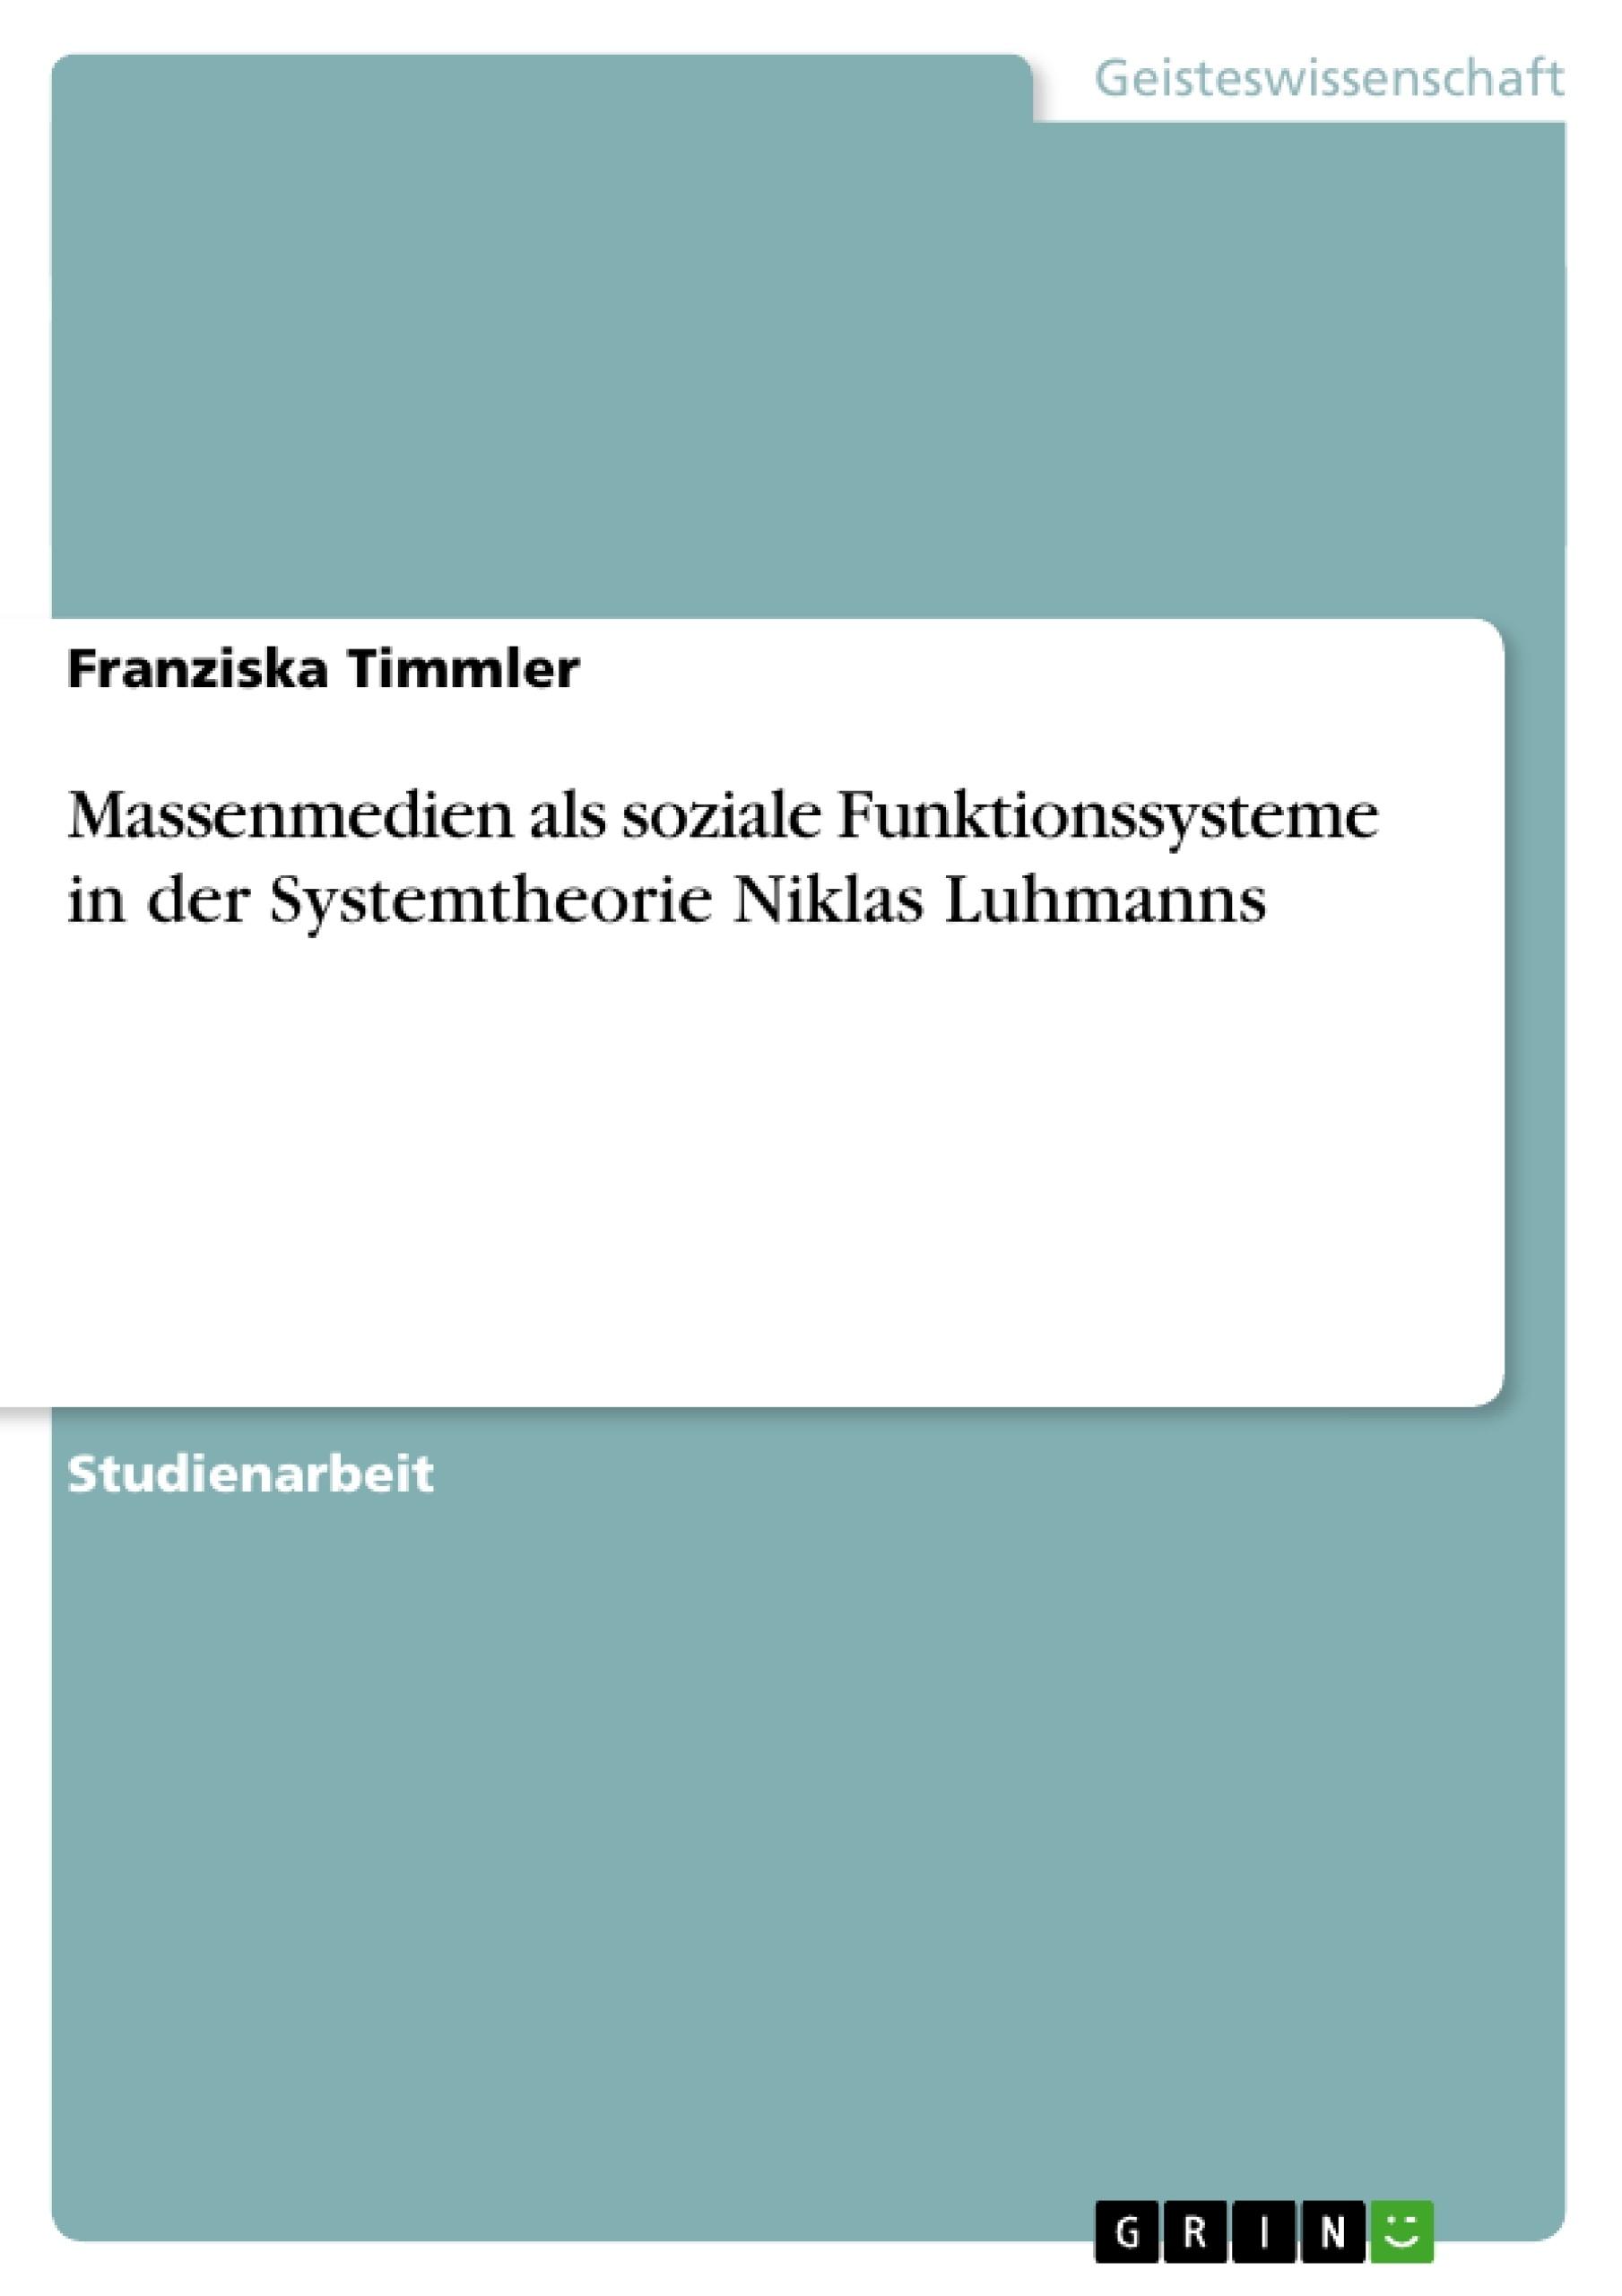 Titel: Massenmedien als soziale Funktionssysteme in der Systemtheorie Niklas Luhmanns